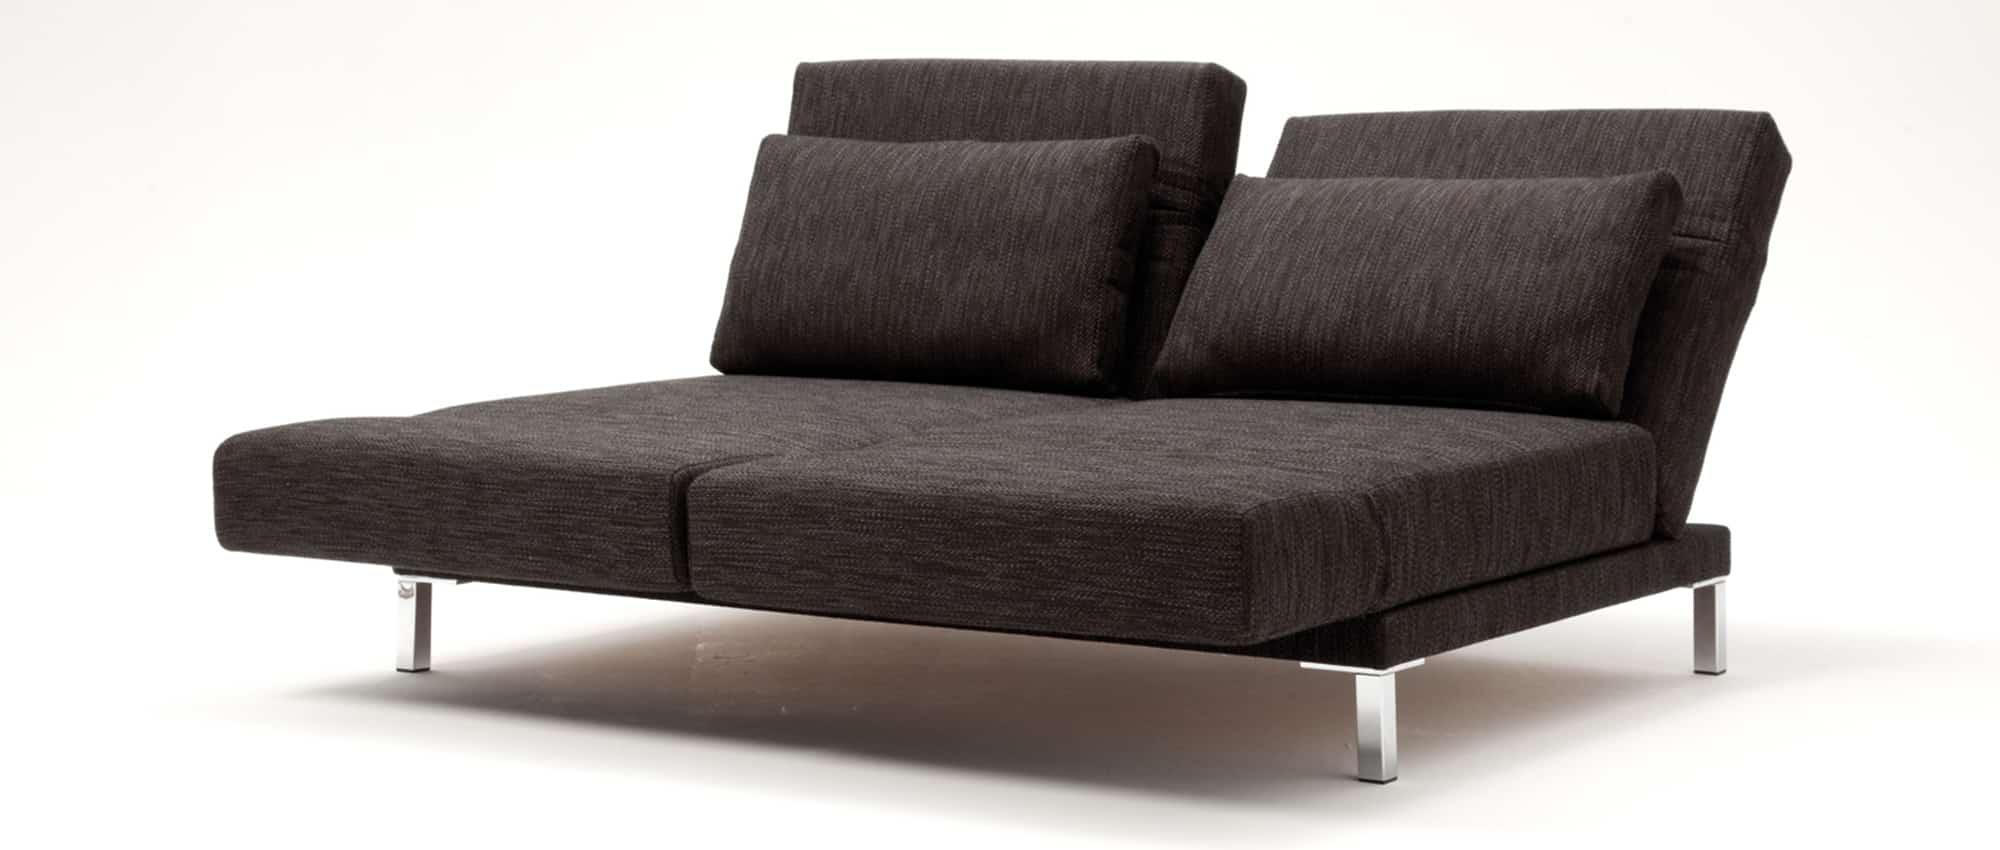 Die Rückenlehne des Schlafsofas RIGA von Franz Fertig sind einzeln klappbar. Schlafsofa in braun. Sofabett für 2 Personen.